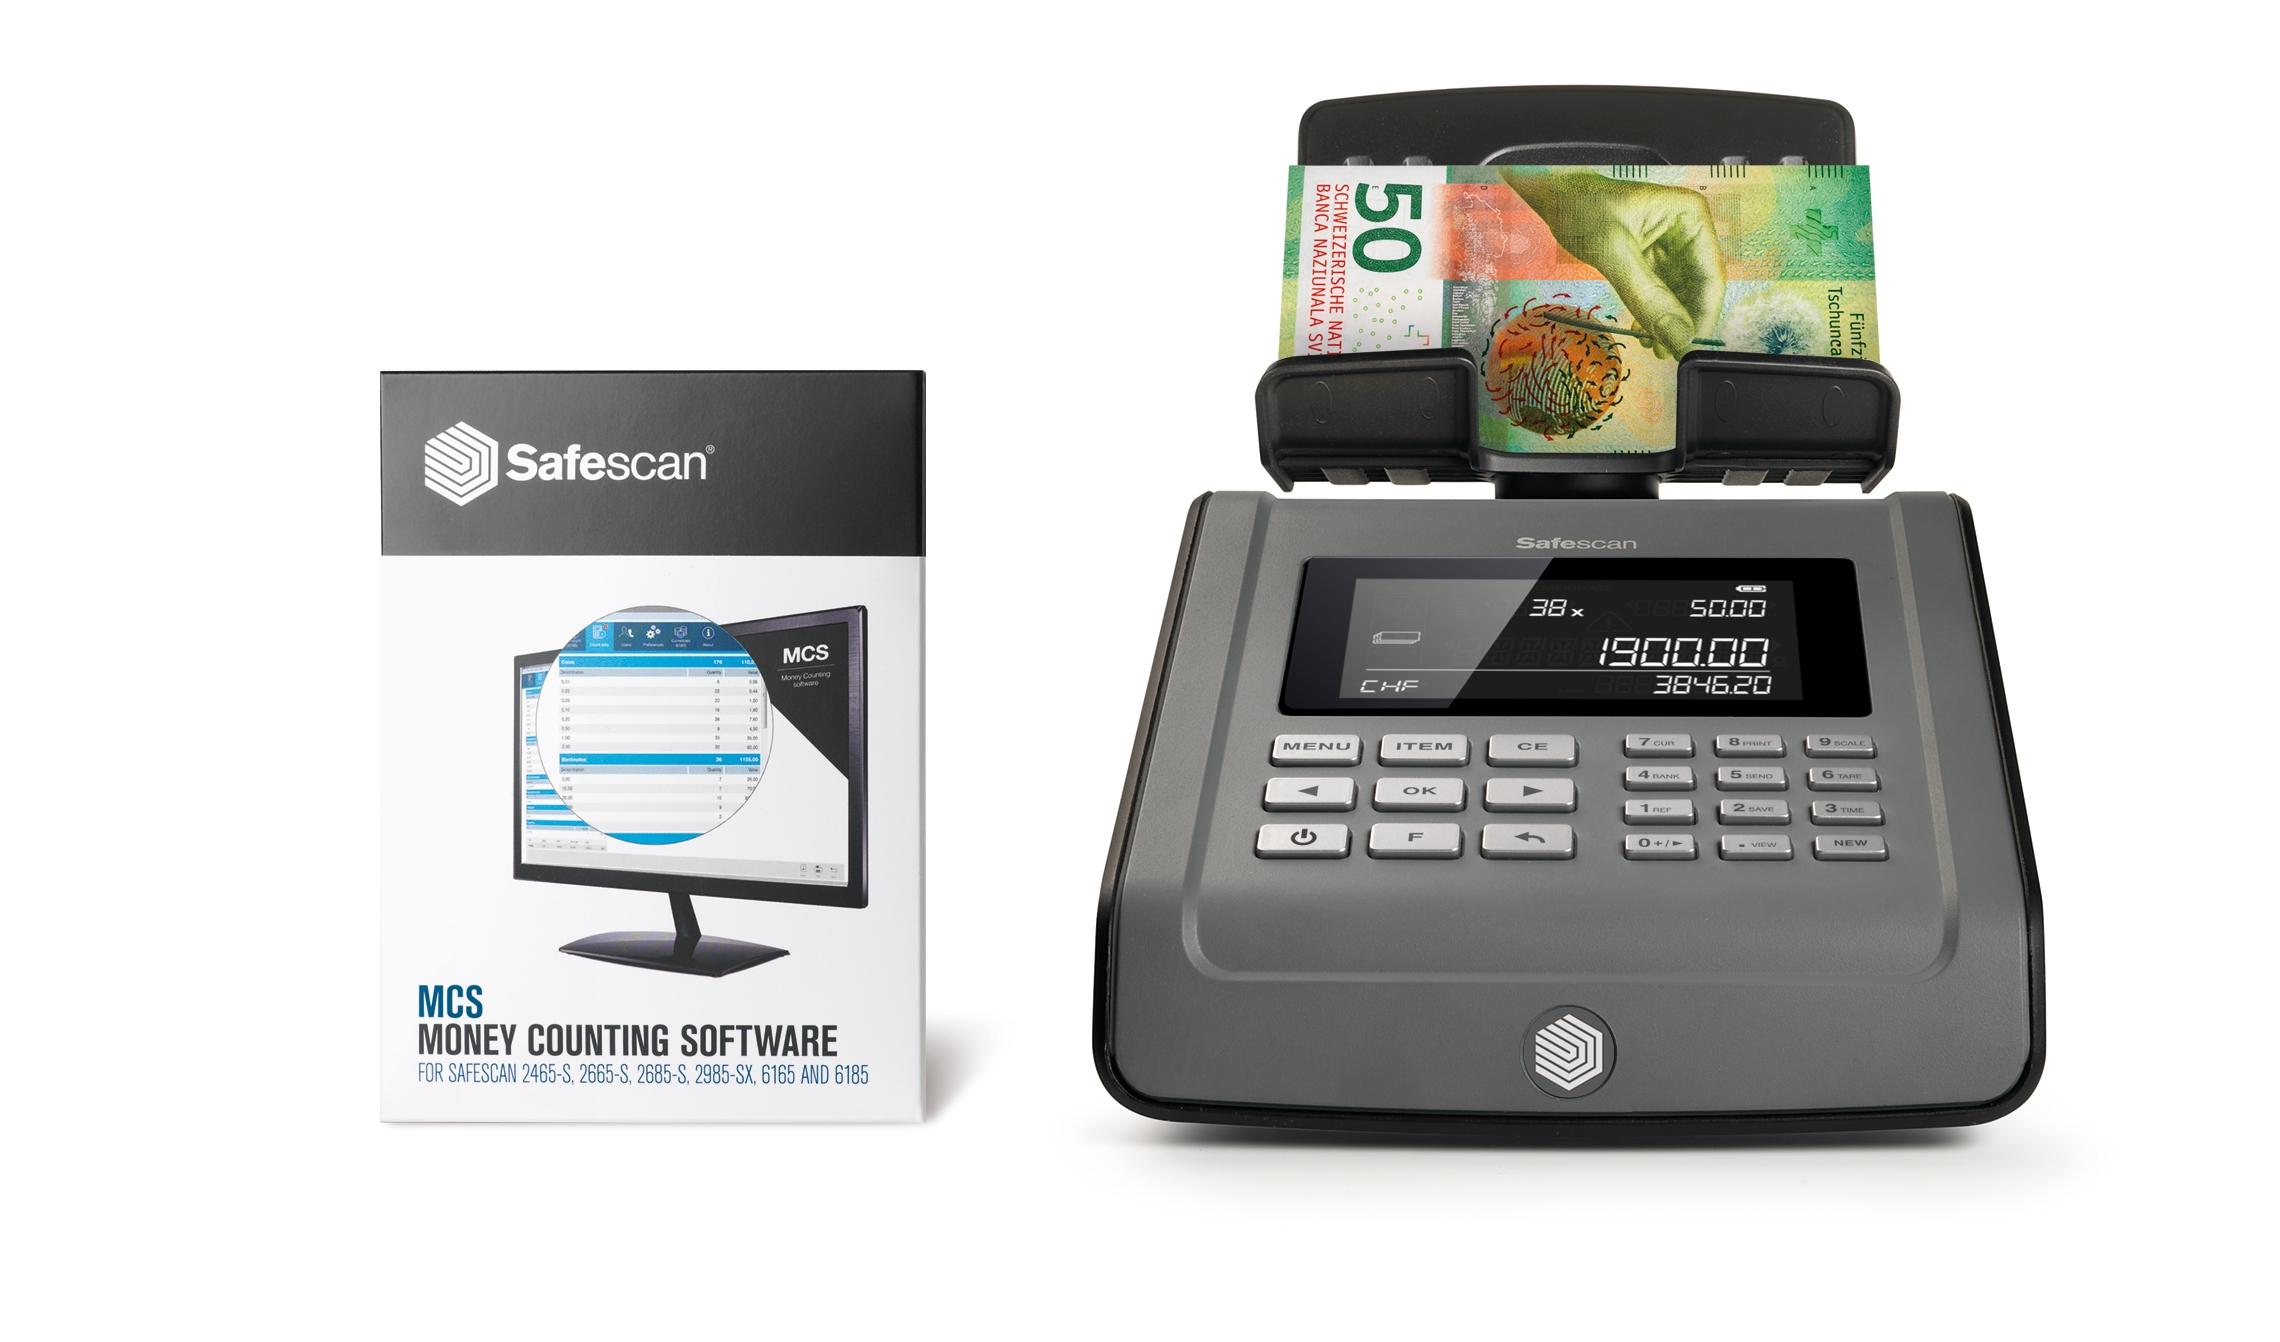 safescan-6165-compteuse-de-pieces-et-de-billets